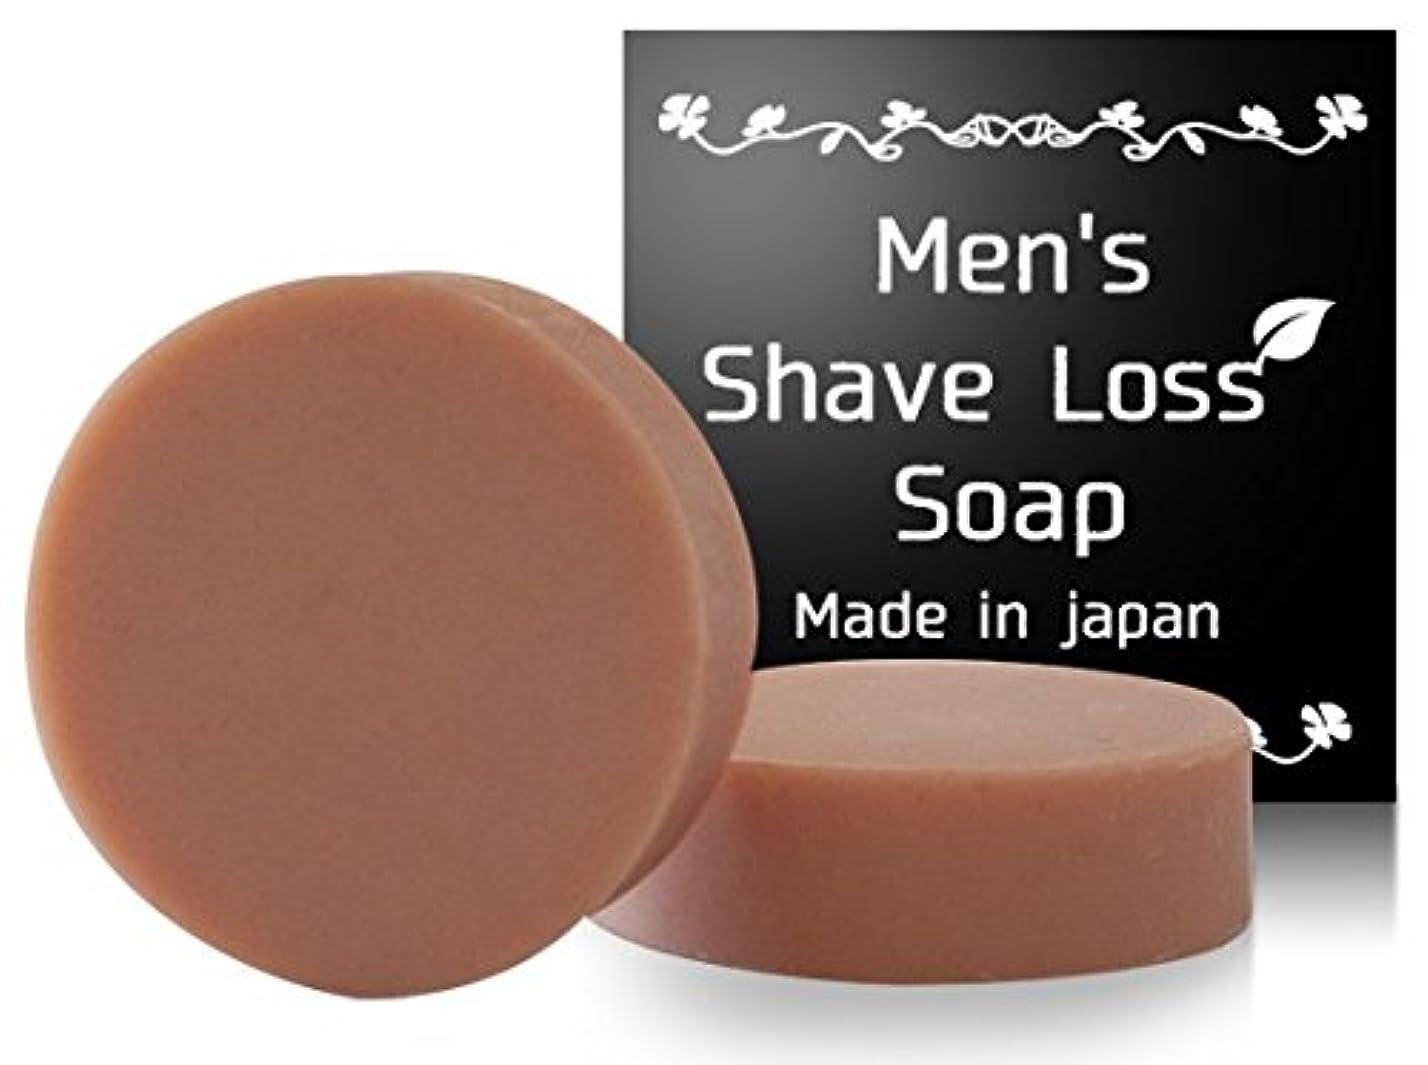 聖域序文群れMens Shave Loss Soap シェーブロス 剛毛は嫌!ツルツル過ぎも嫌! そんな夢を叶えた奇跡の石鹸! 【男性専用】(1個)